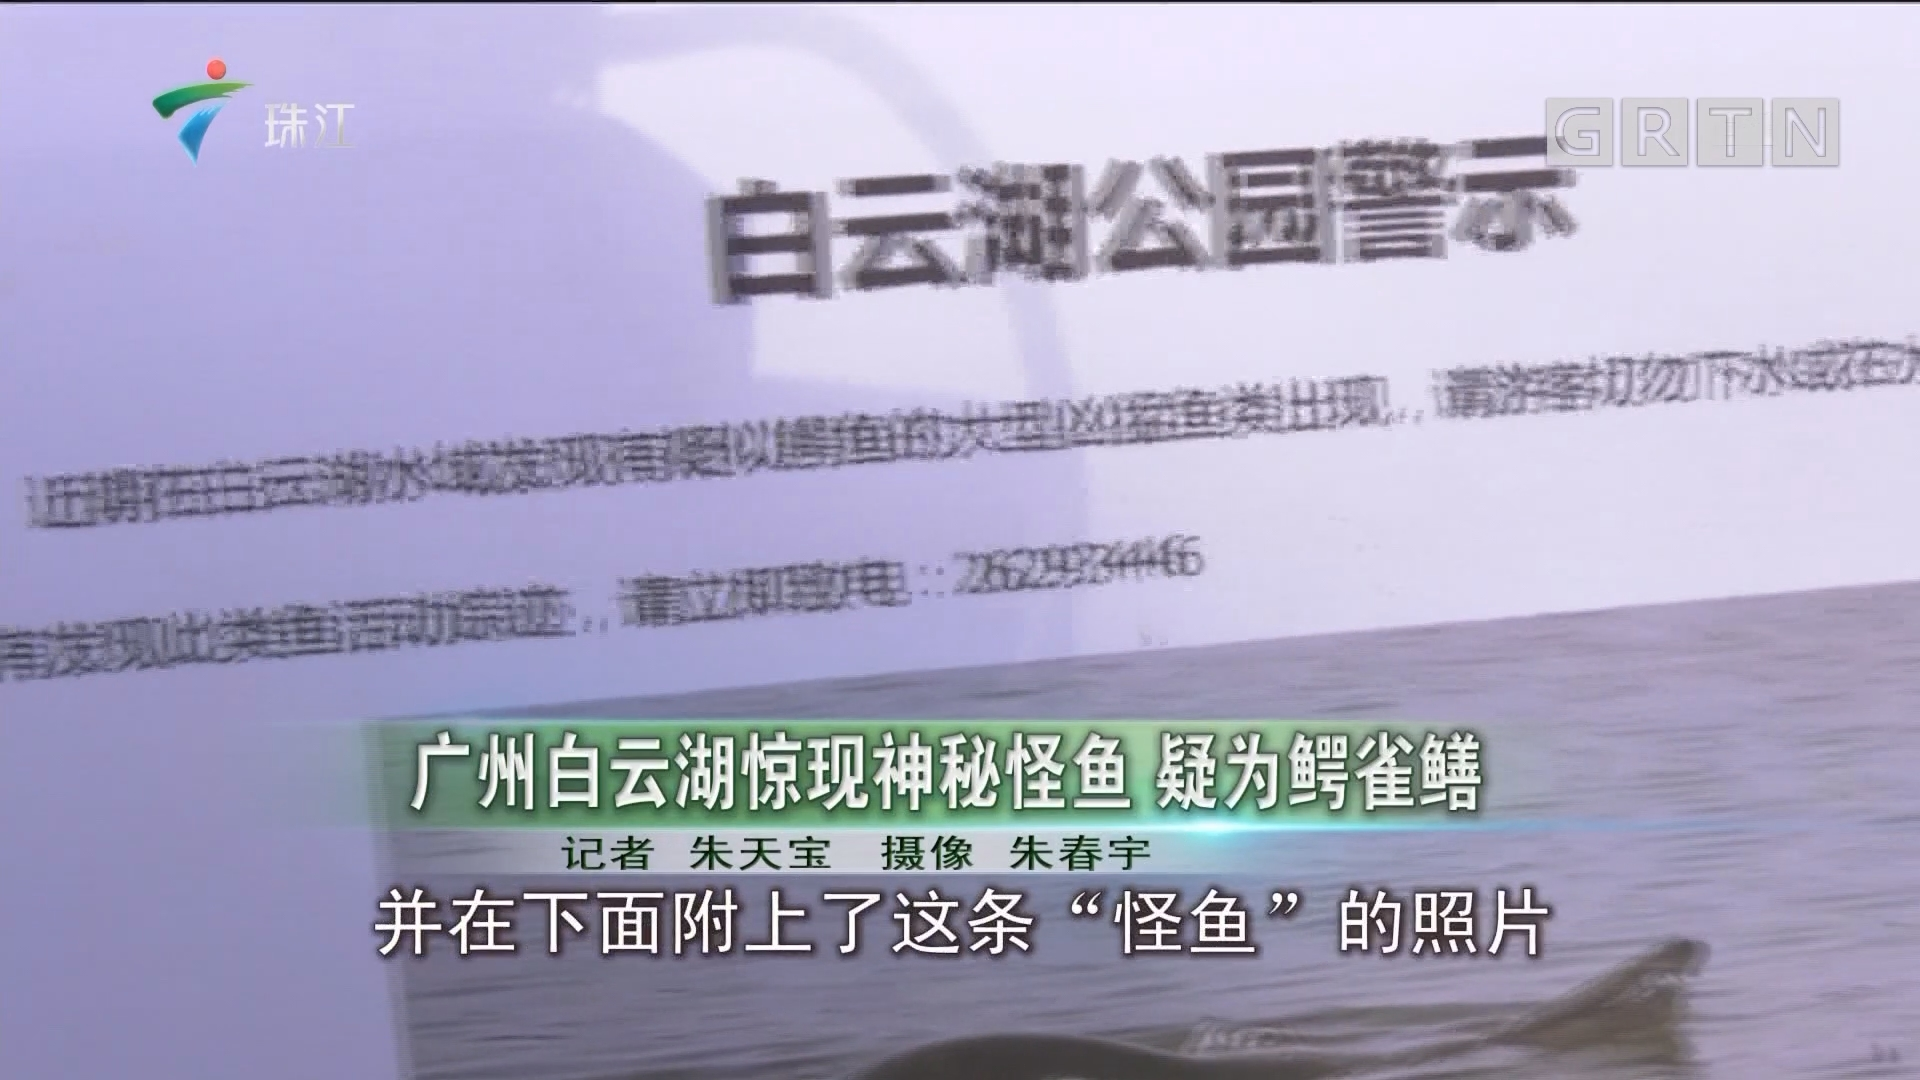 广州白云湖惊现神秘怪鱼 疑为鳄雀鳝